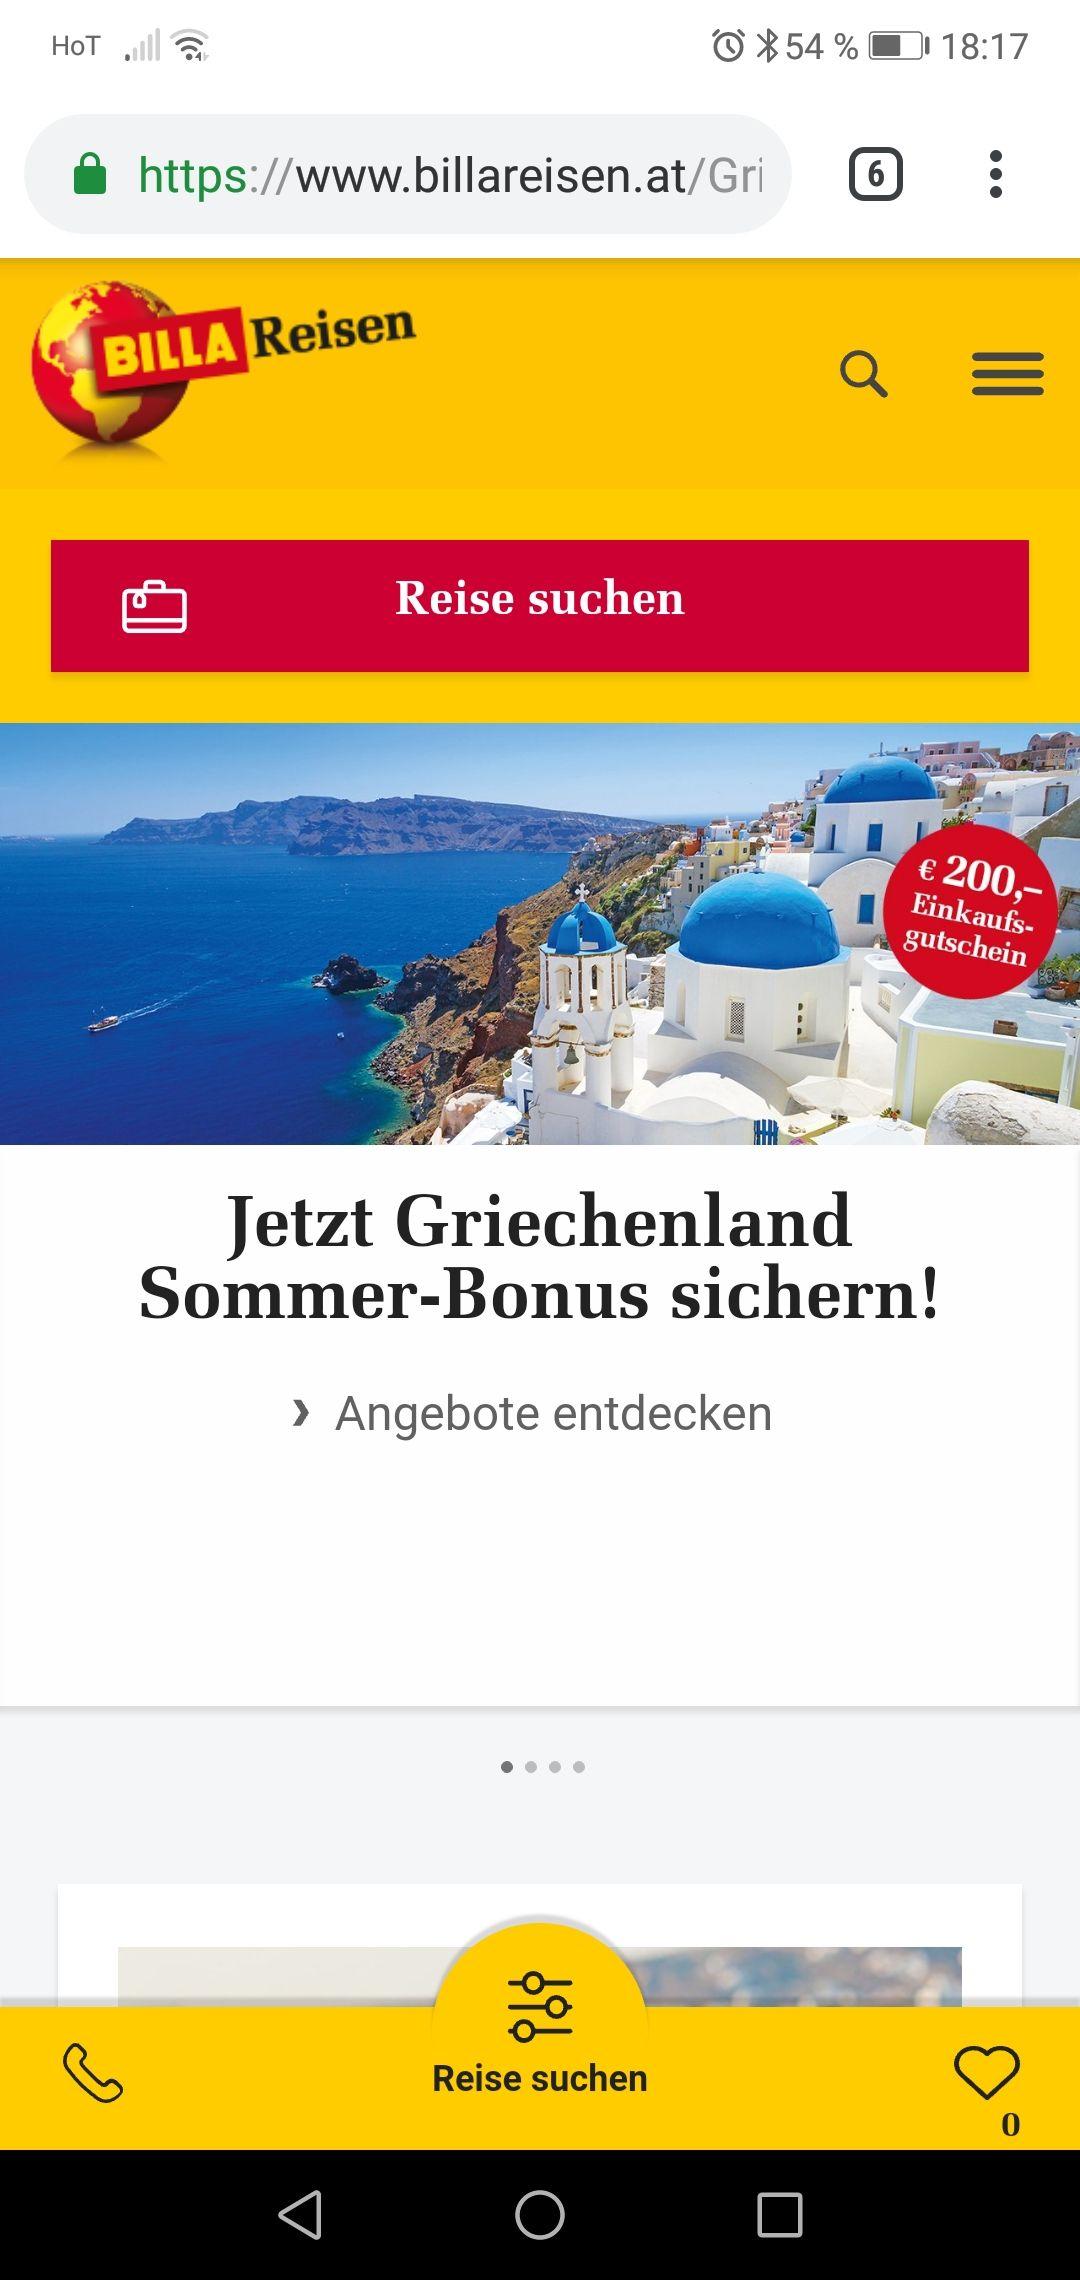 Billa Reisen im Juli und August nach Griechenland und 200 Euro billa einkaufsgutschein bekommen